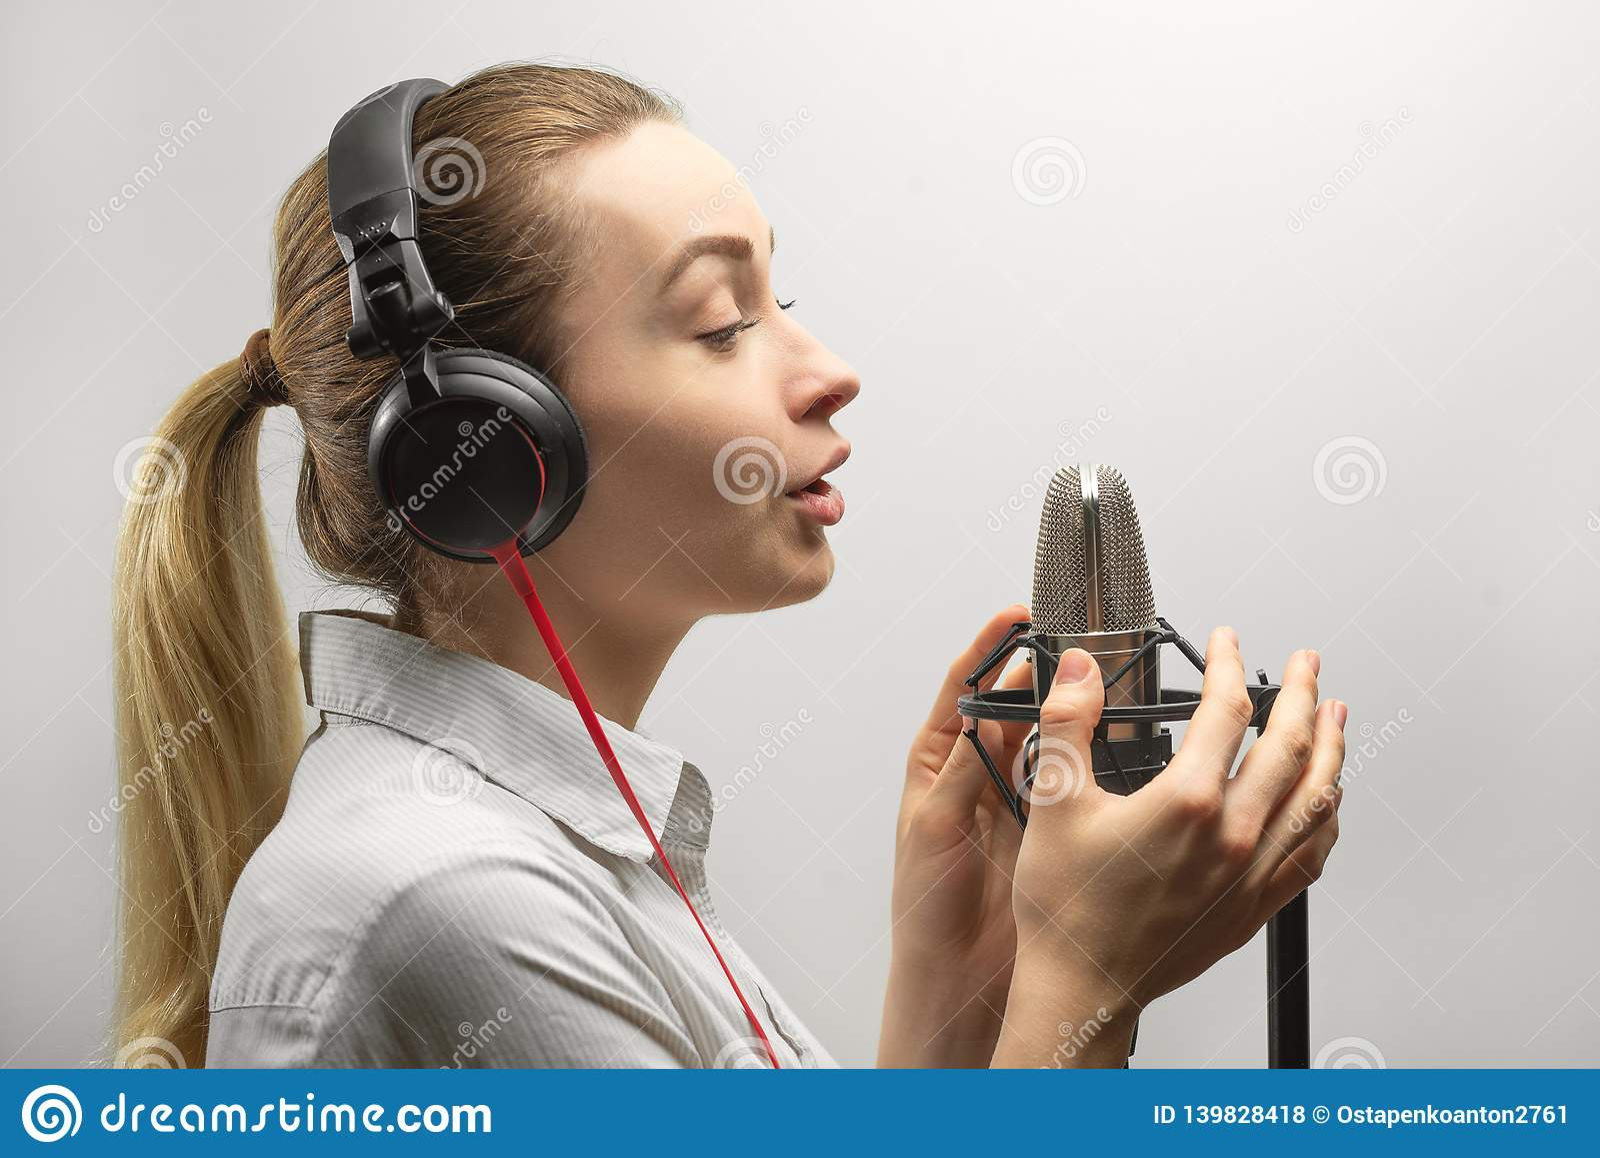 Musik, showbusiness, folk och stämmabegrepp - sångare med hörlurar och mikrofonen som sjunger en sång i inspelningstudio,